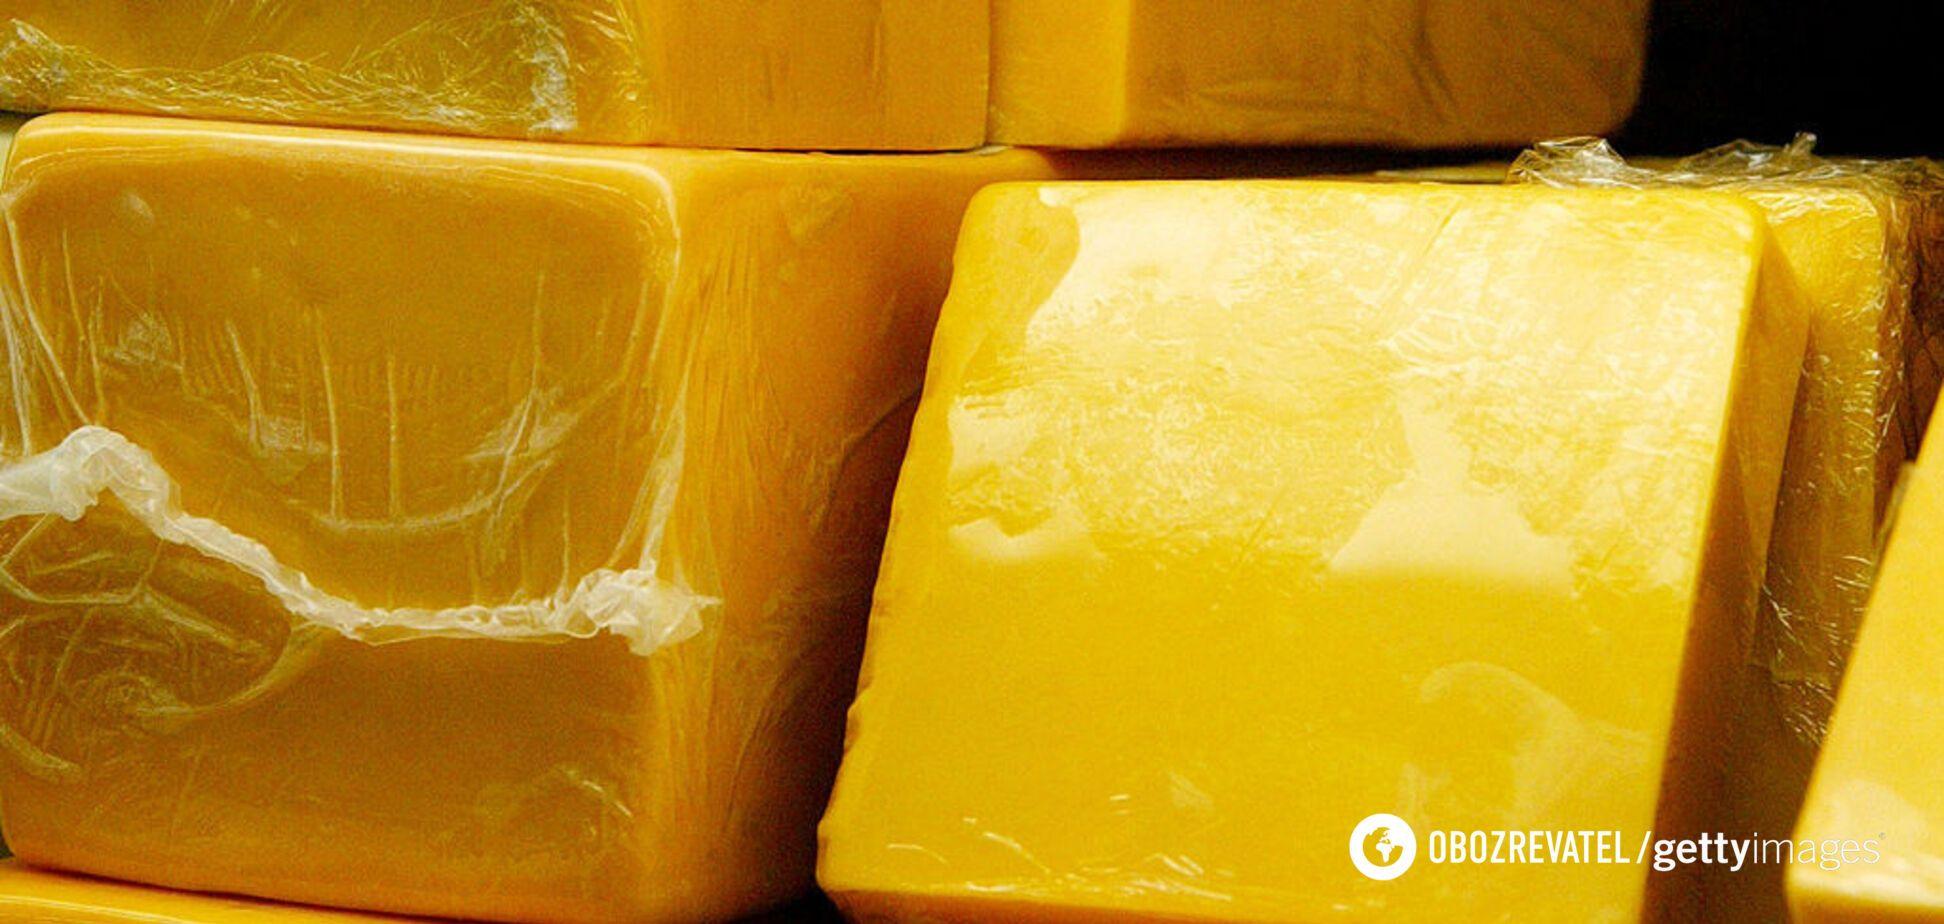 Как нельзя хранить сыр: названы ошибки, которые мы допускаем